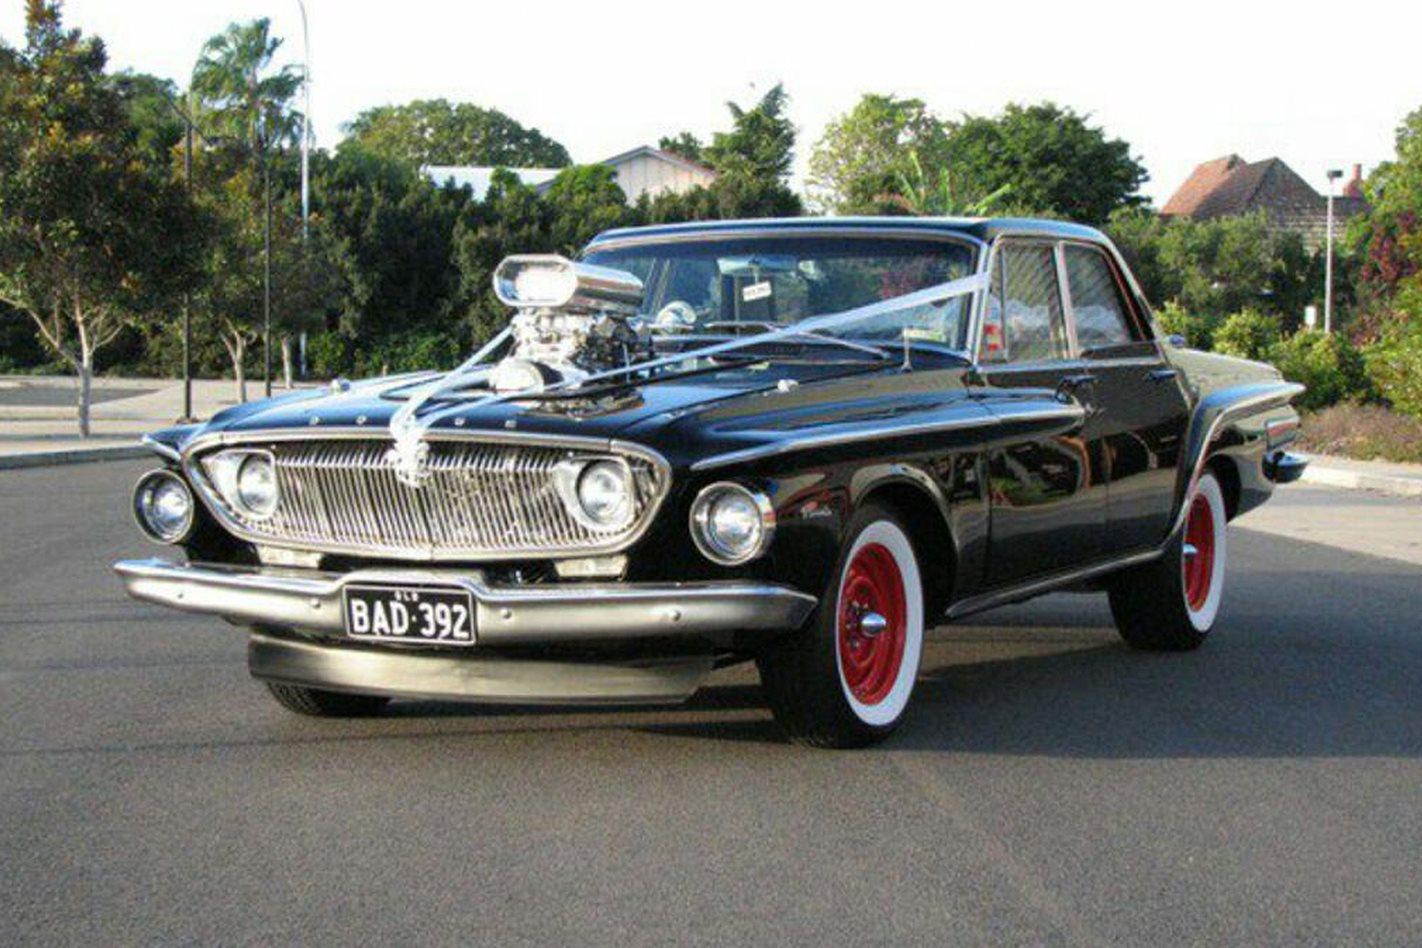 Warren Azzopardi's wedding car